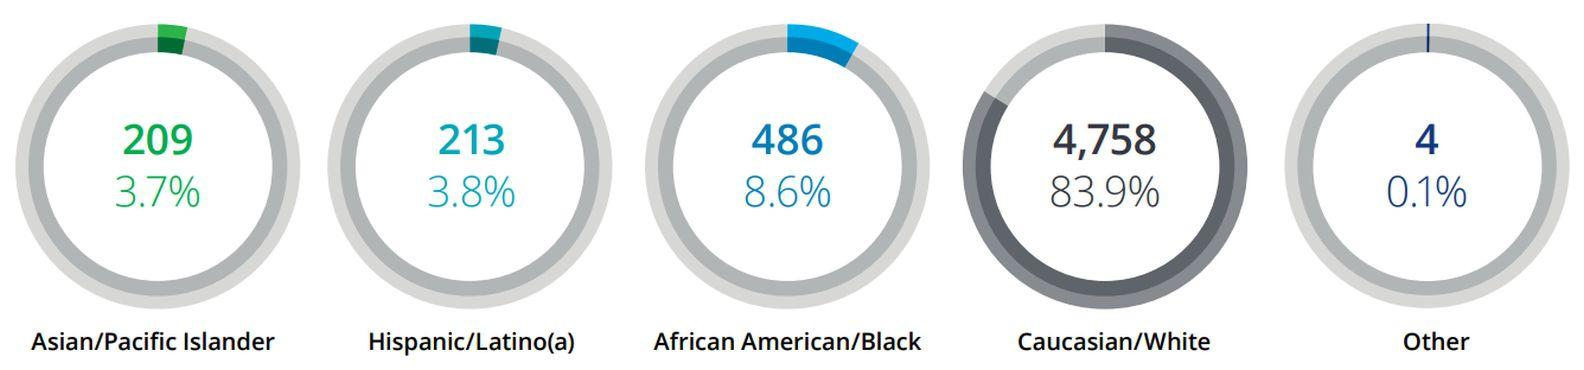 Fortune 500 Board Members by Race